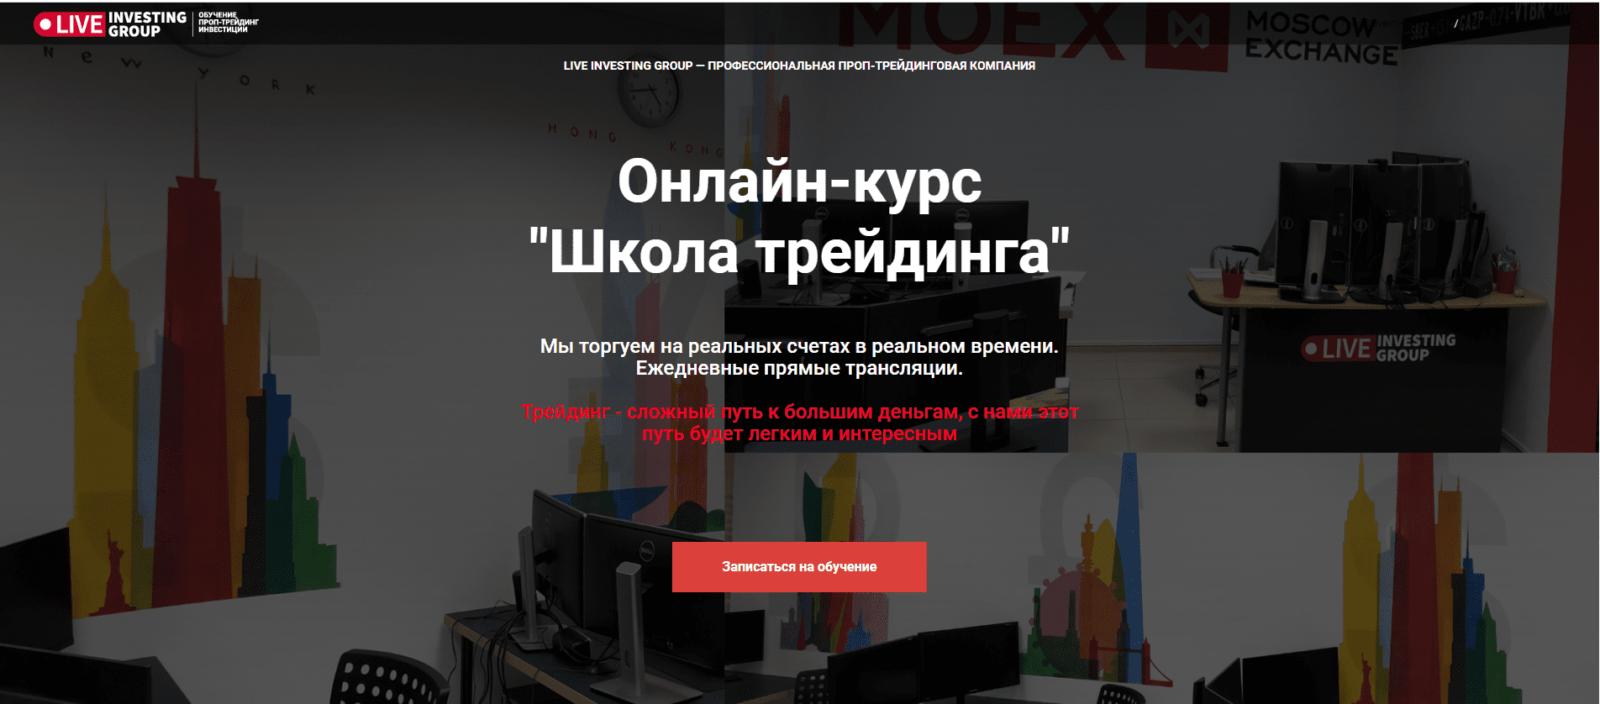 Сайт Трейдера